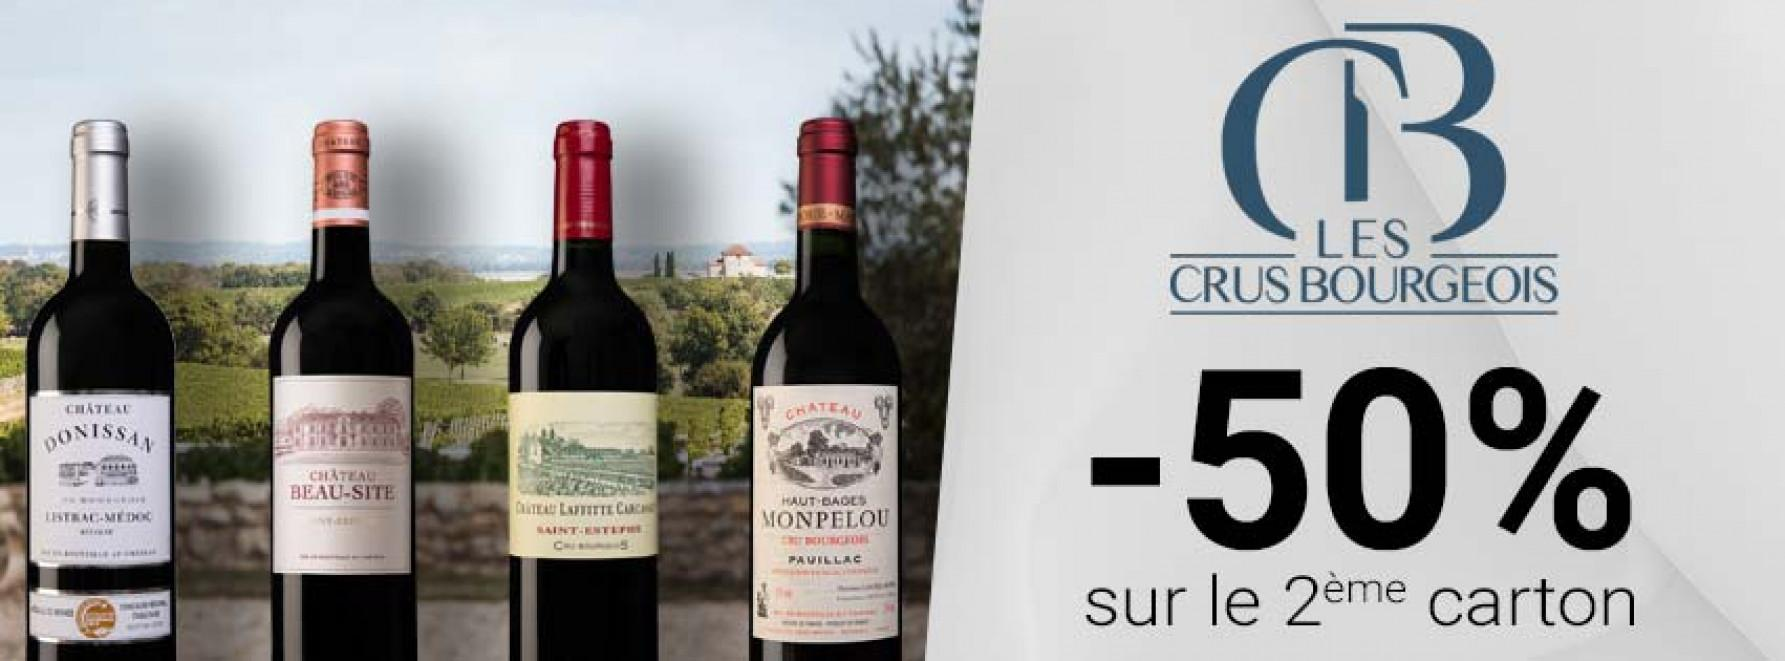 Crus Bourgeois | -50% sur le 2ème carton